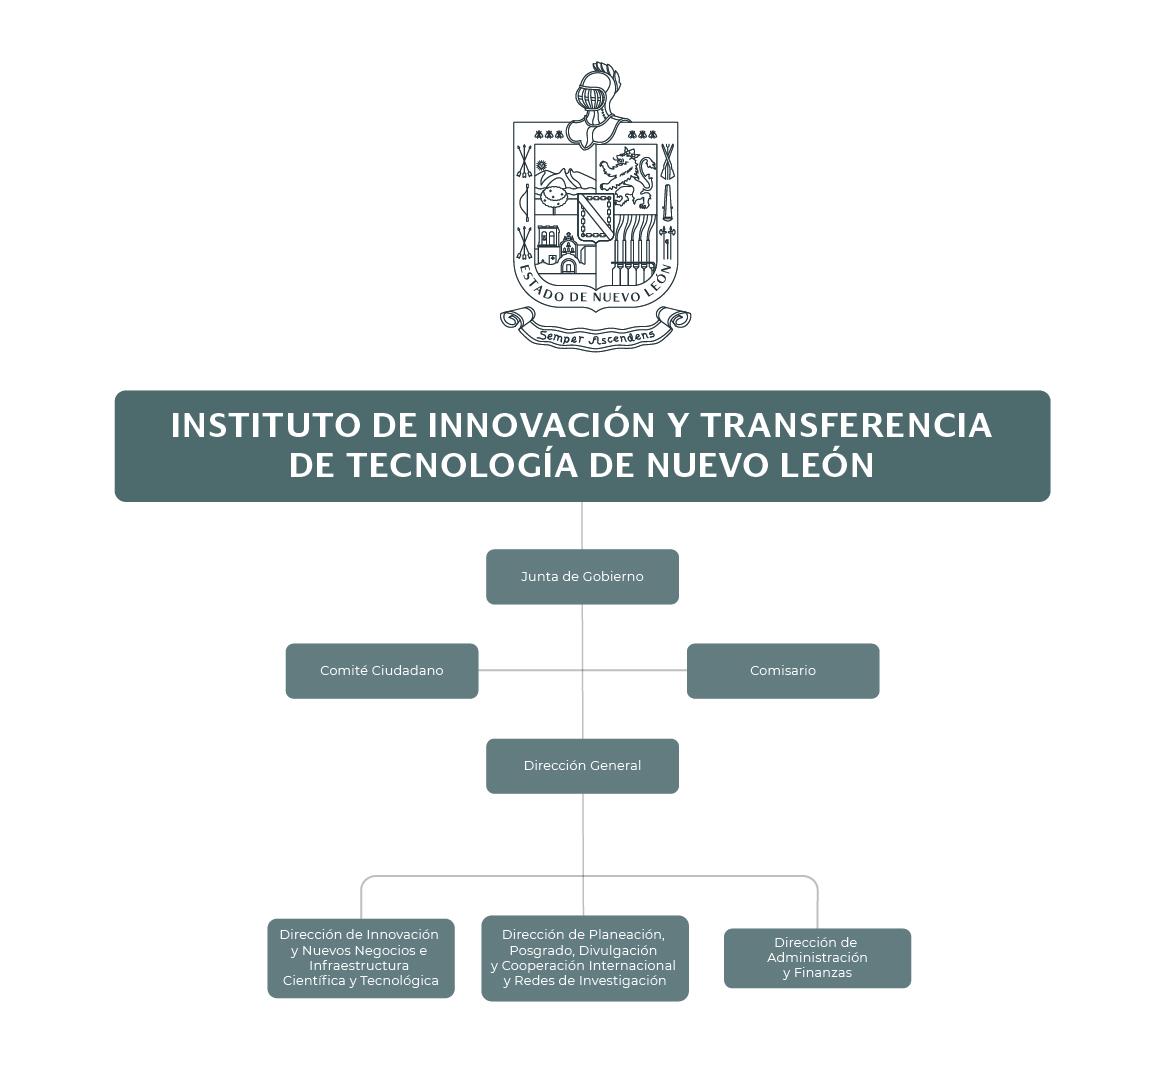 Organigrama del Instituto de Innovación y Transferencia de Tecnología de Nuevo León